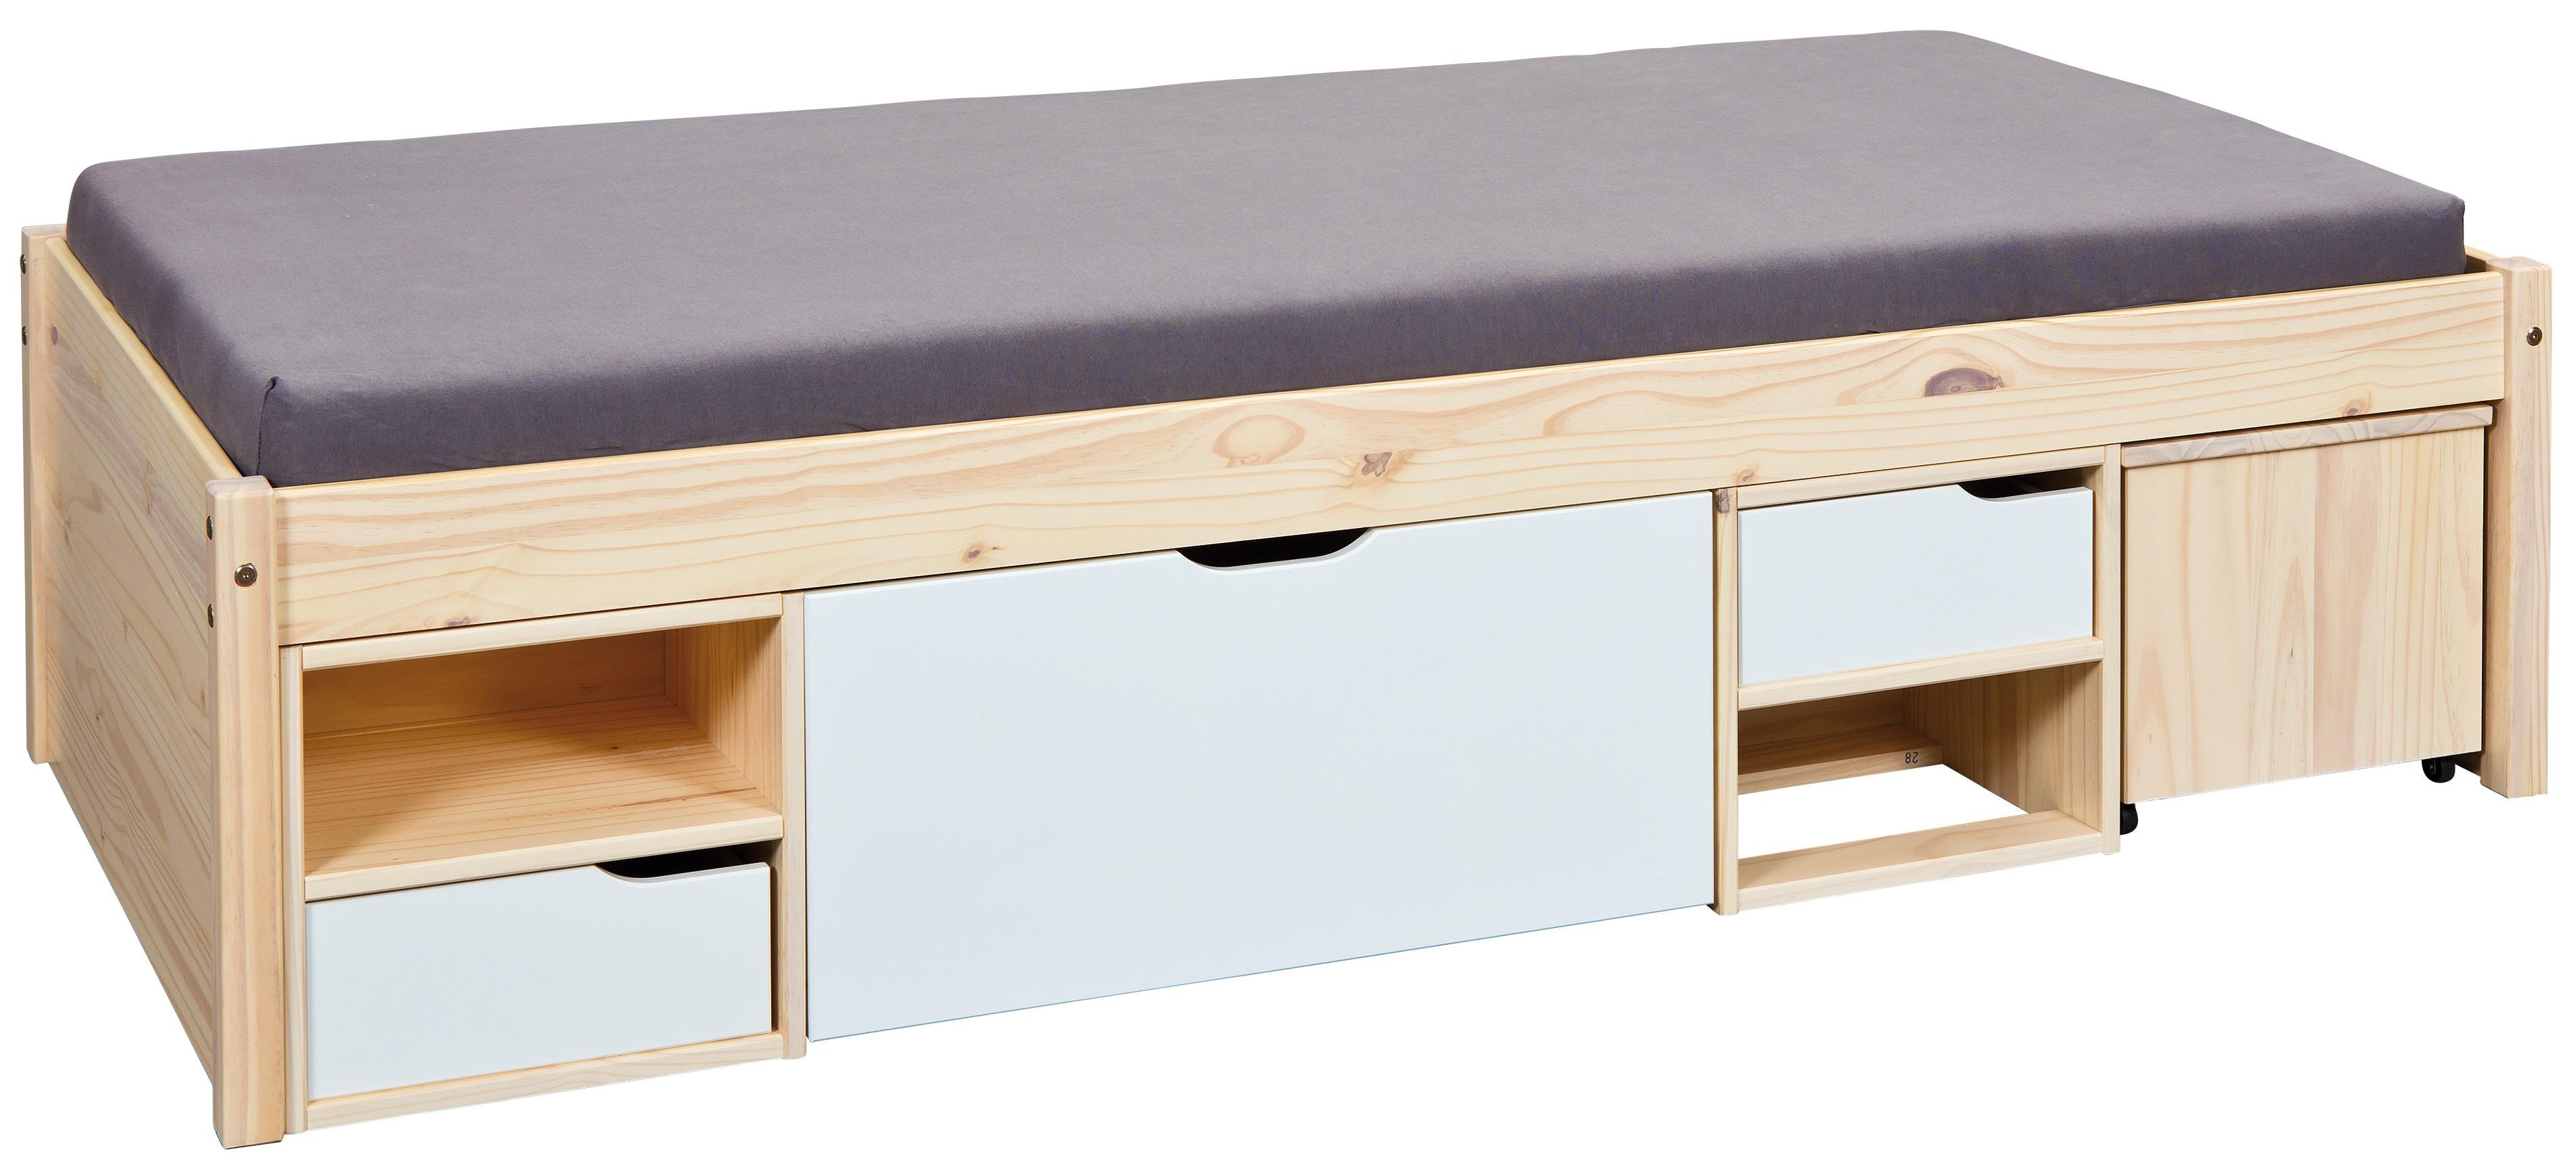 lit multi rangement pin massif naturel et blanc jam 90. Black Bedroom Furniture Sets. Home Design Ideas